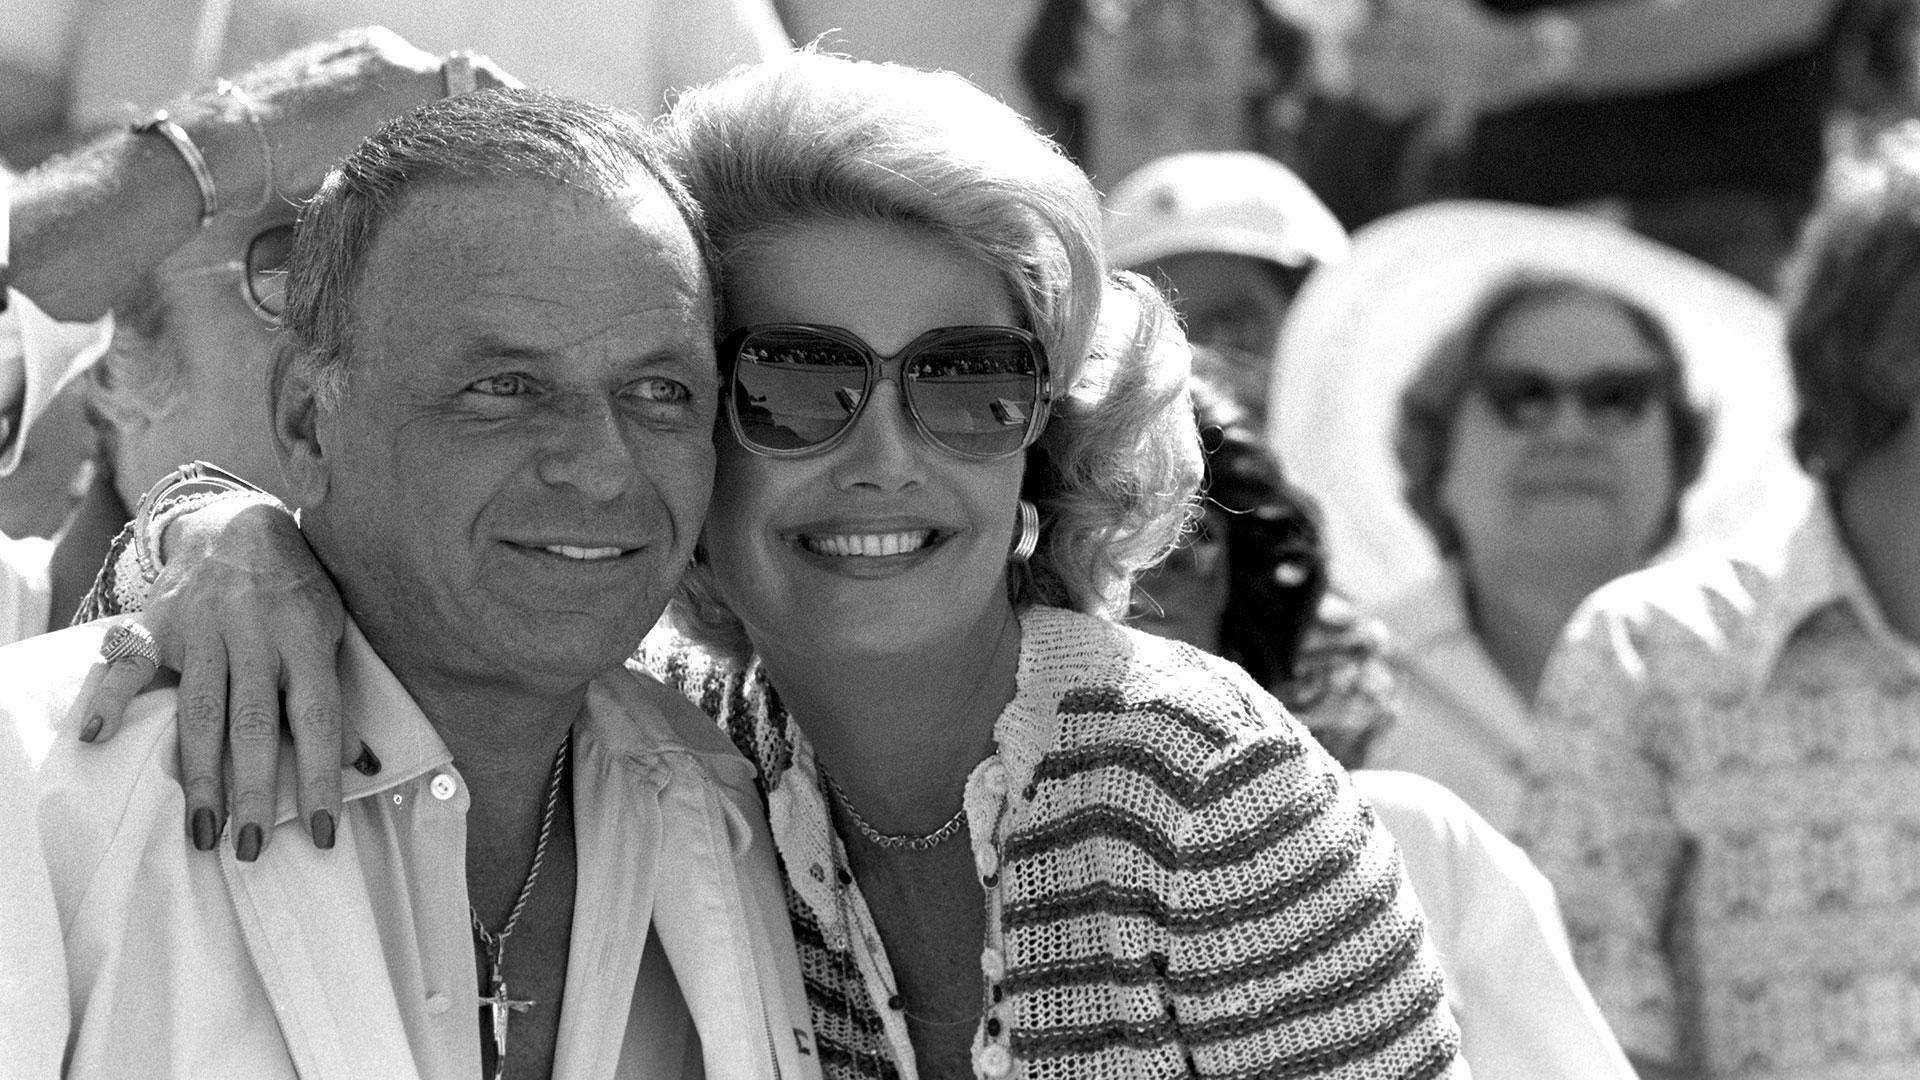 Casi veinte aos despus de la muerte de Frank Sinatra